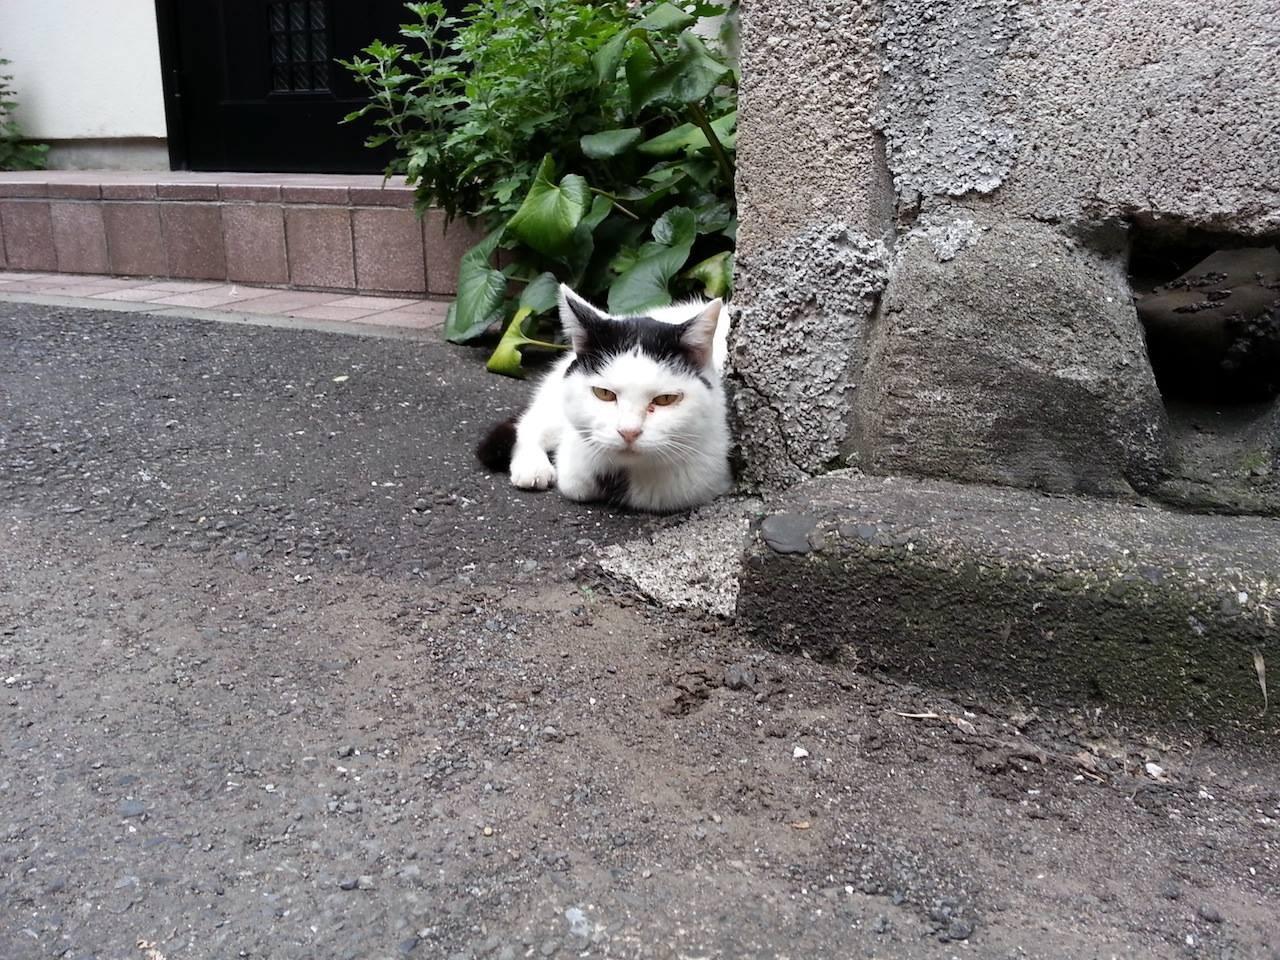 ぬこ田はん、いらはりますた。元気そうどす。 【2014年9月24日】